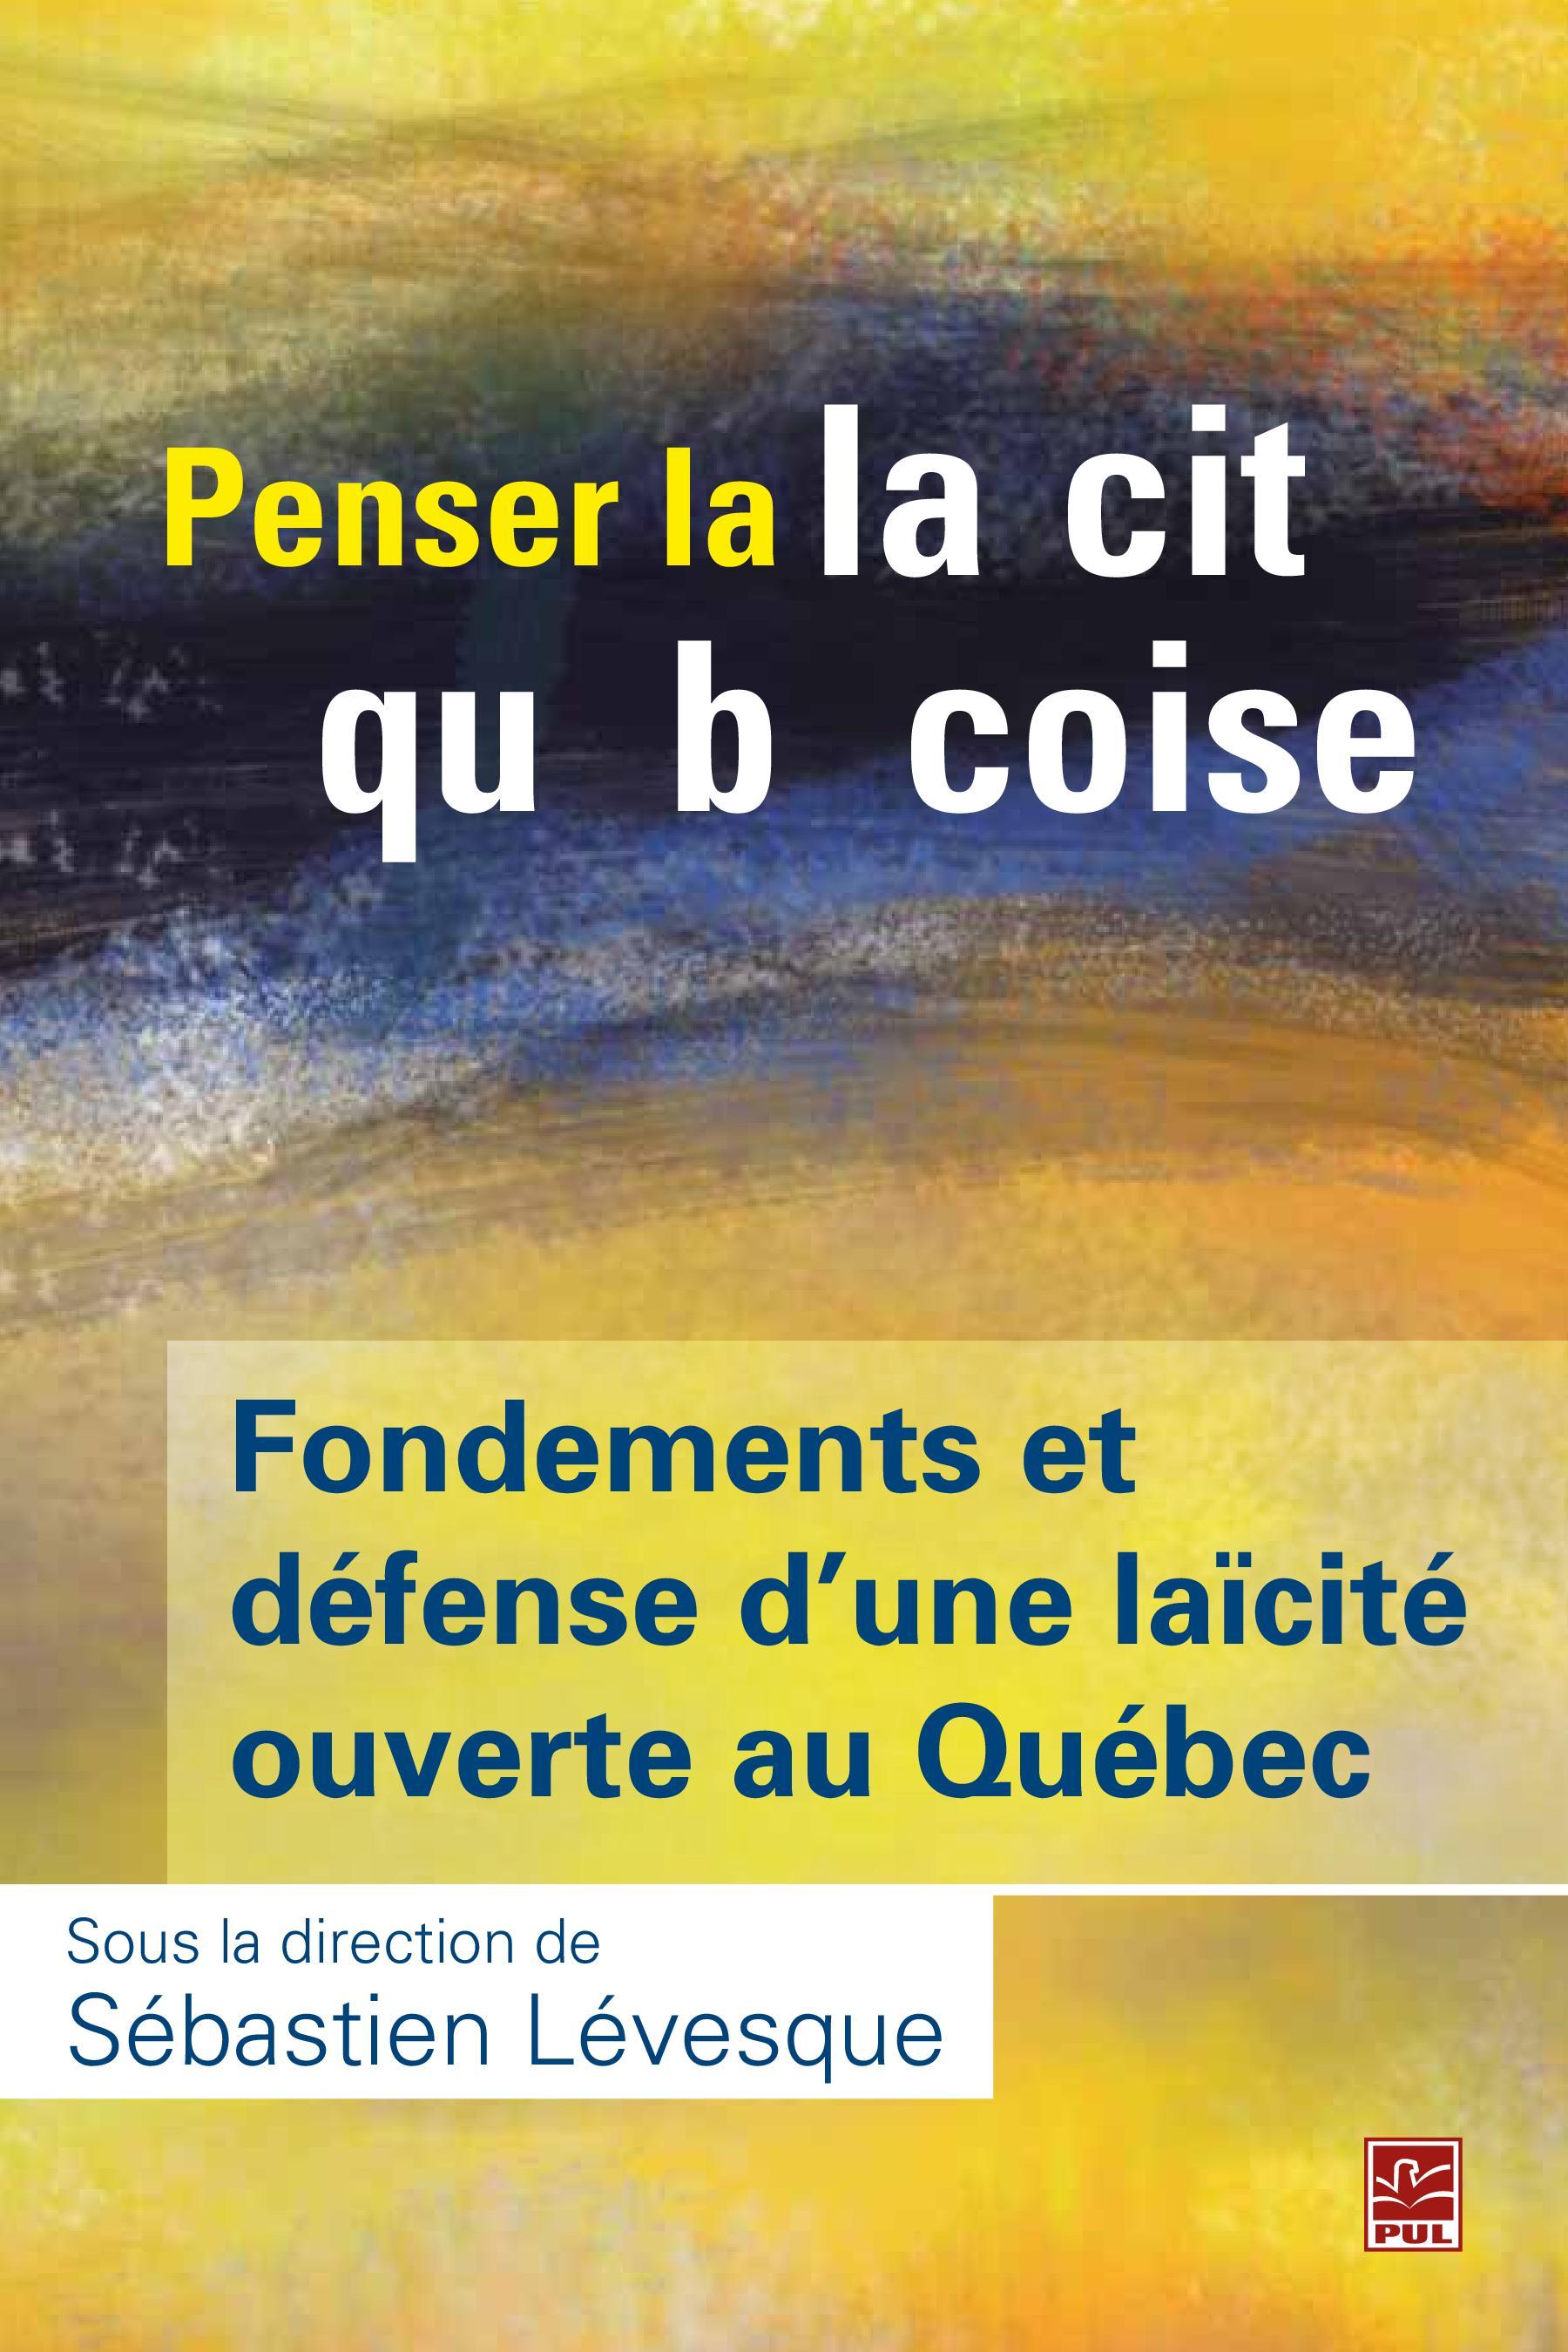 Penser la laïcité québécoise